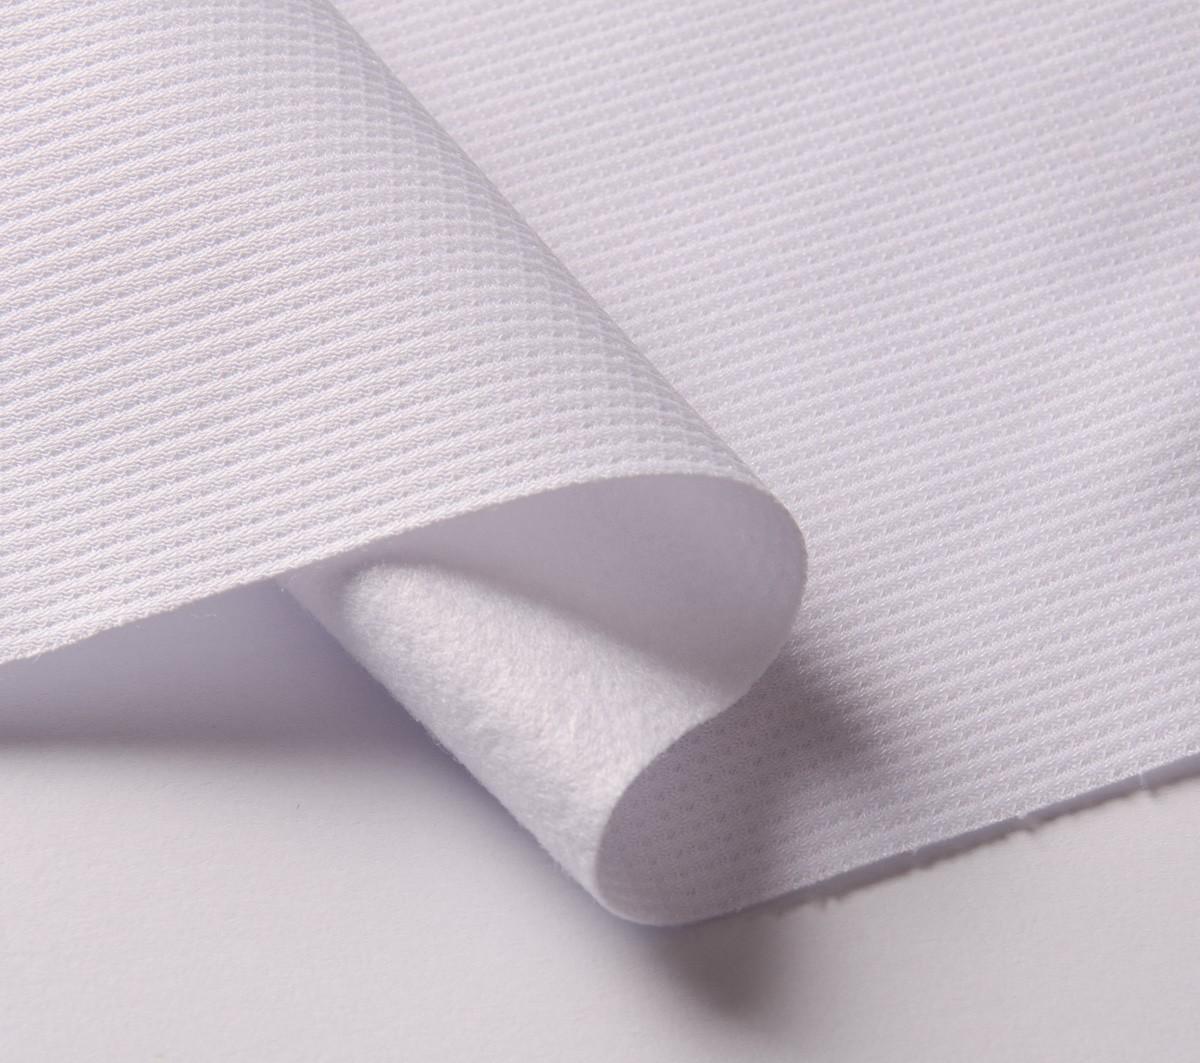 7640e1433daf1 Lehký, téměř nepružný materiál, vyznačující se především zvýšenou odolností  proti oděru a špíně. Lícová strana materiálu je hladká nebo s jemnou ...